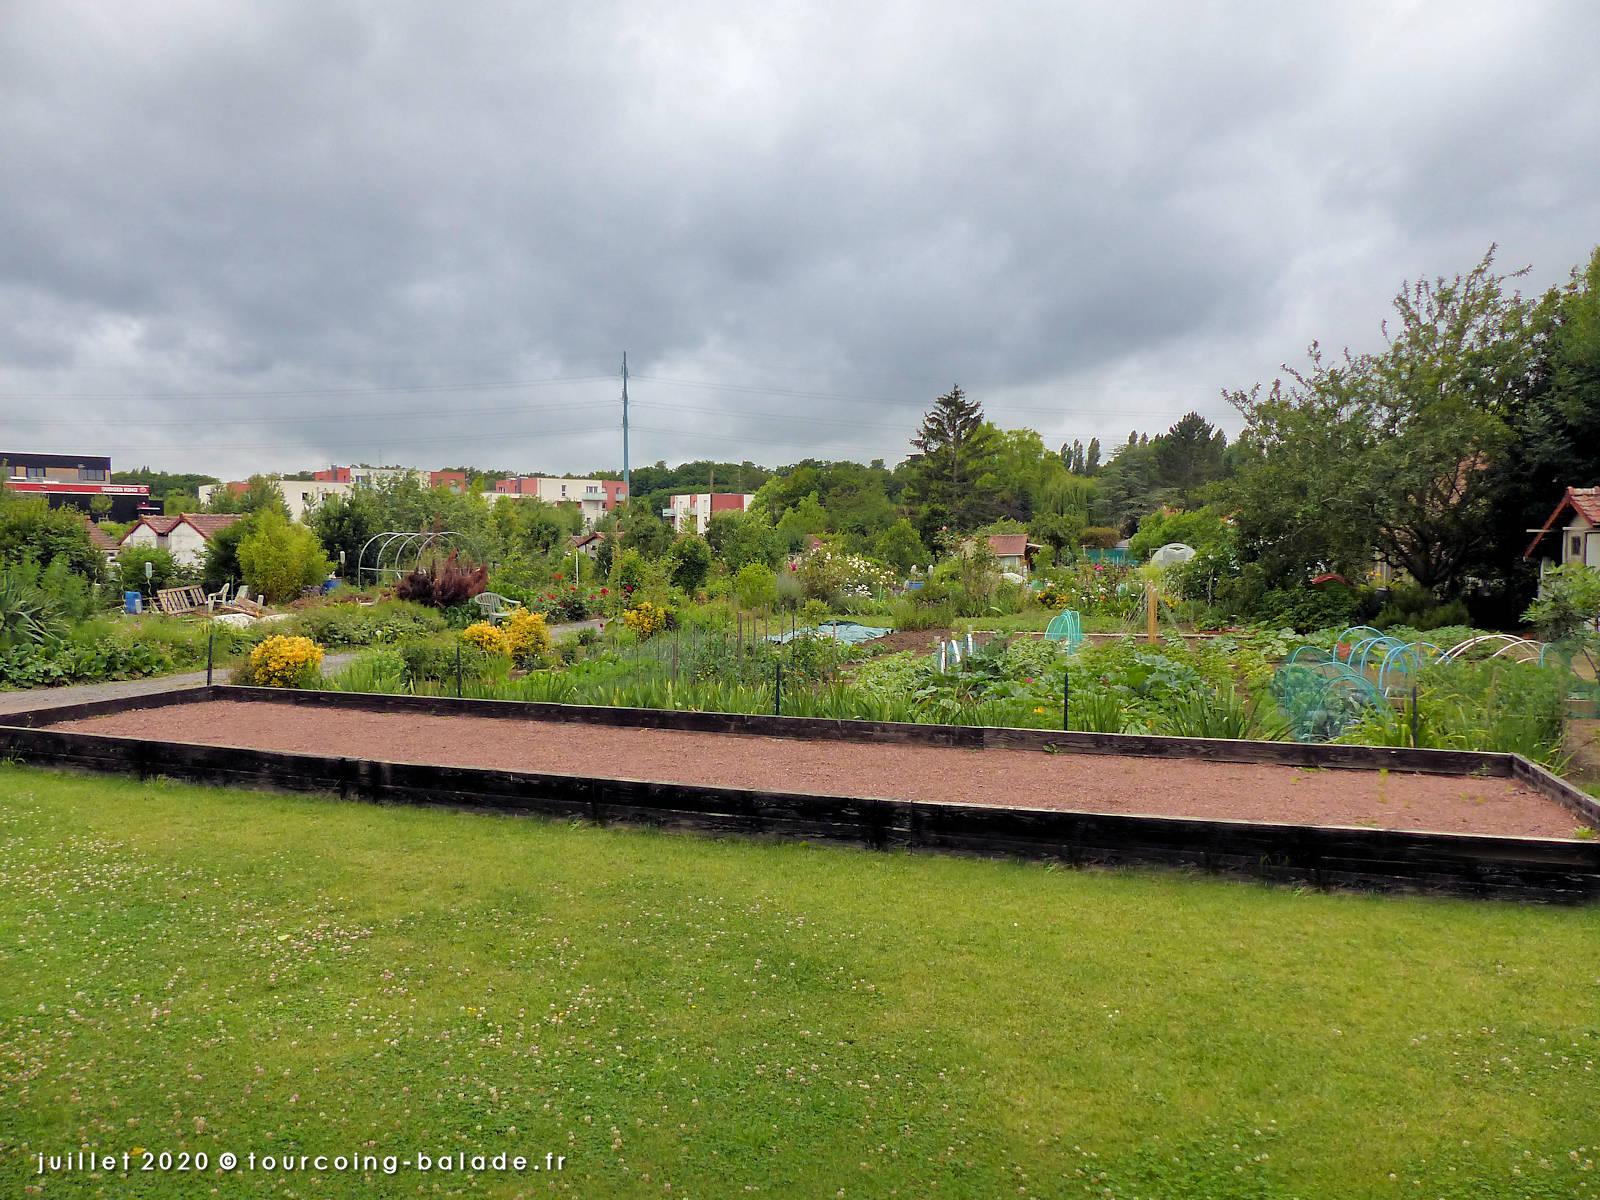 Terrain de boules, Jardins Familiaux Beau-séjour, Tourcoing 2020